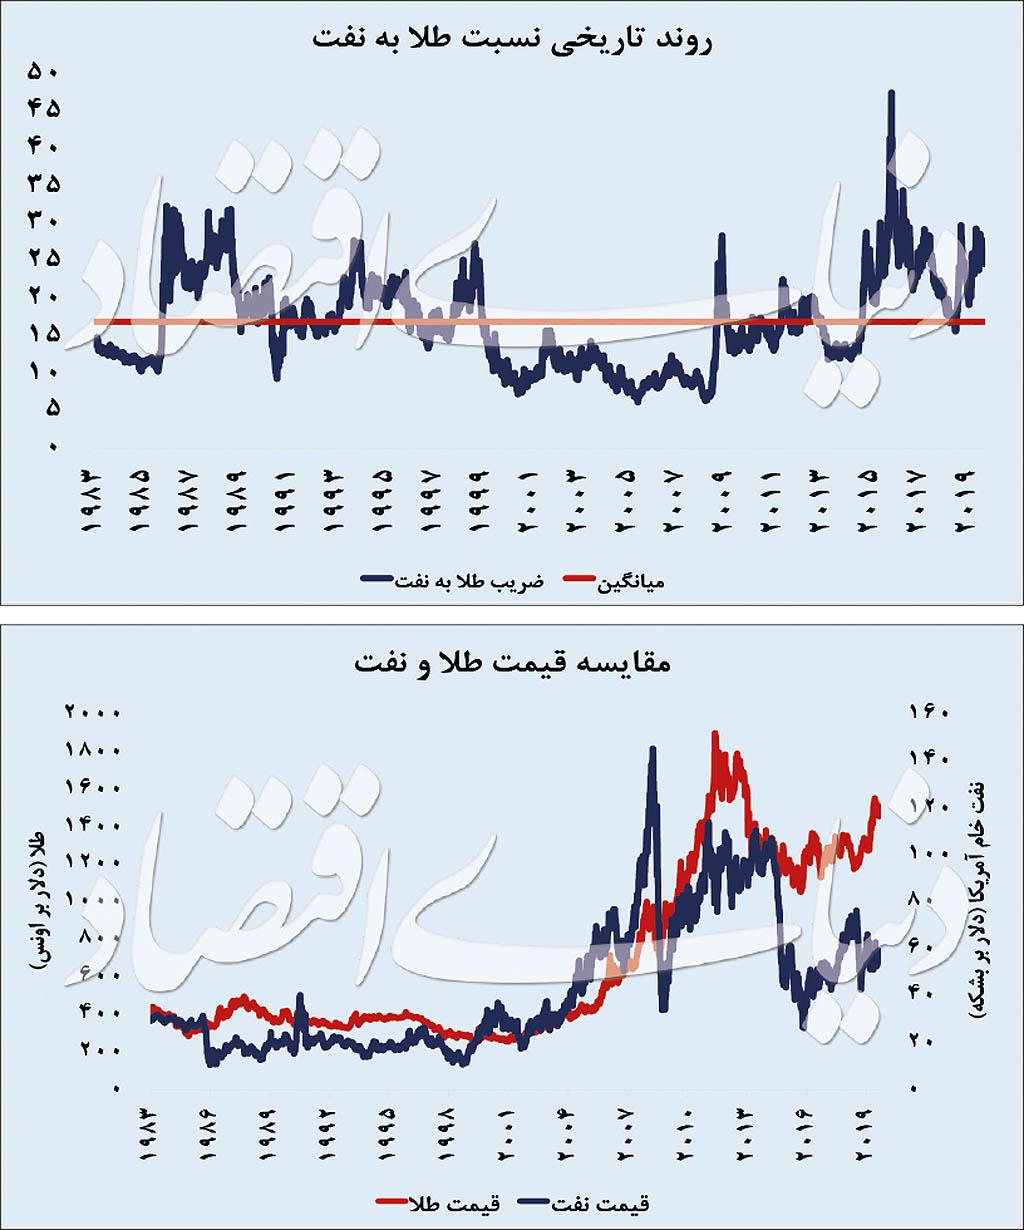 عدد طلایی بازار نفت